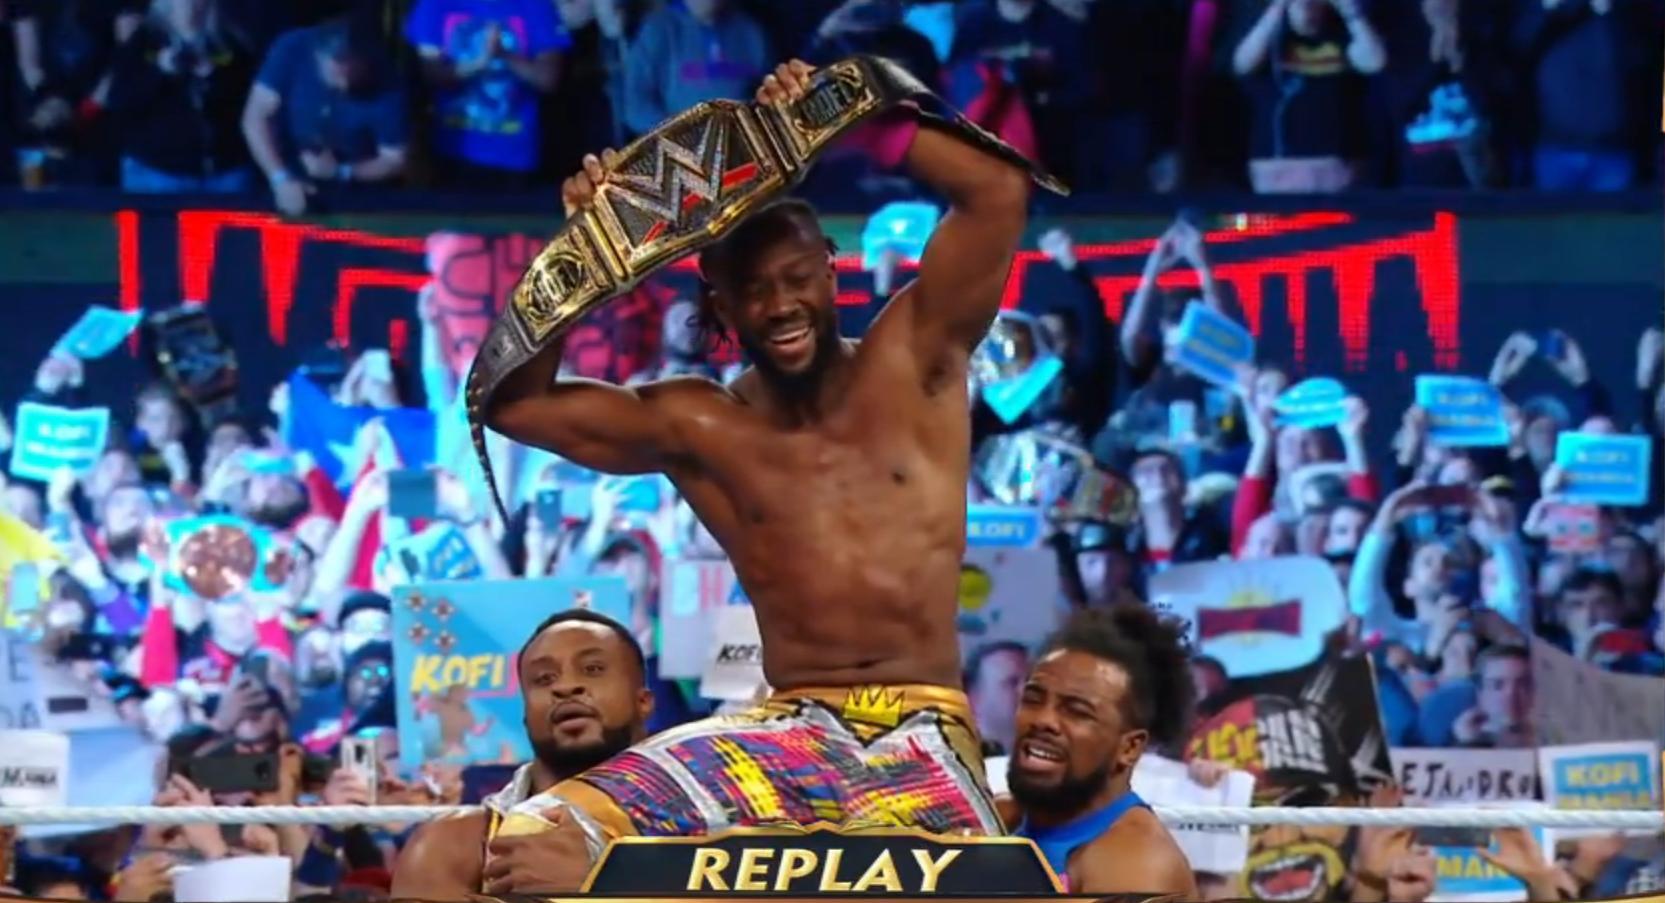 Kofi Kingston se corona NUEVO Campeón WWE, por primera vez en 11 años, tras vencer a Daniel Bryan en WWE WrestleMania 35 (07/04/2019) / WWE